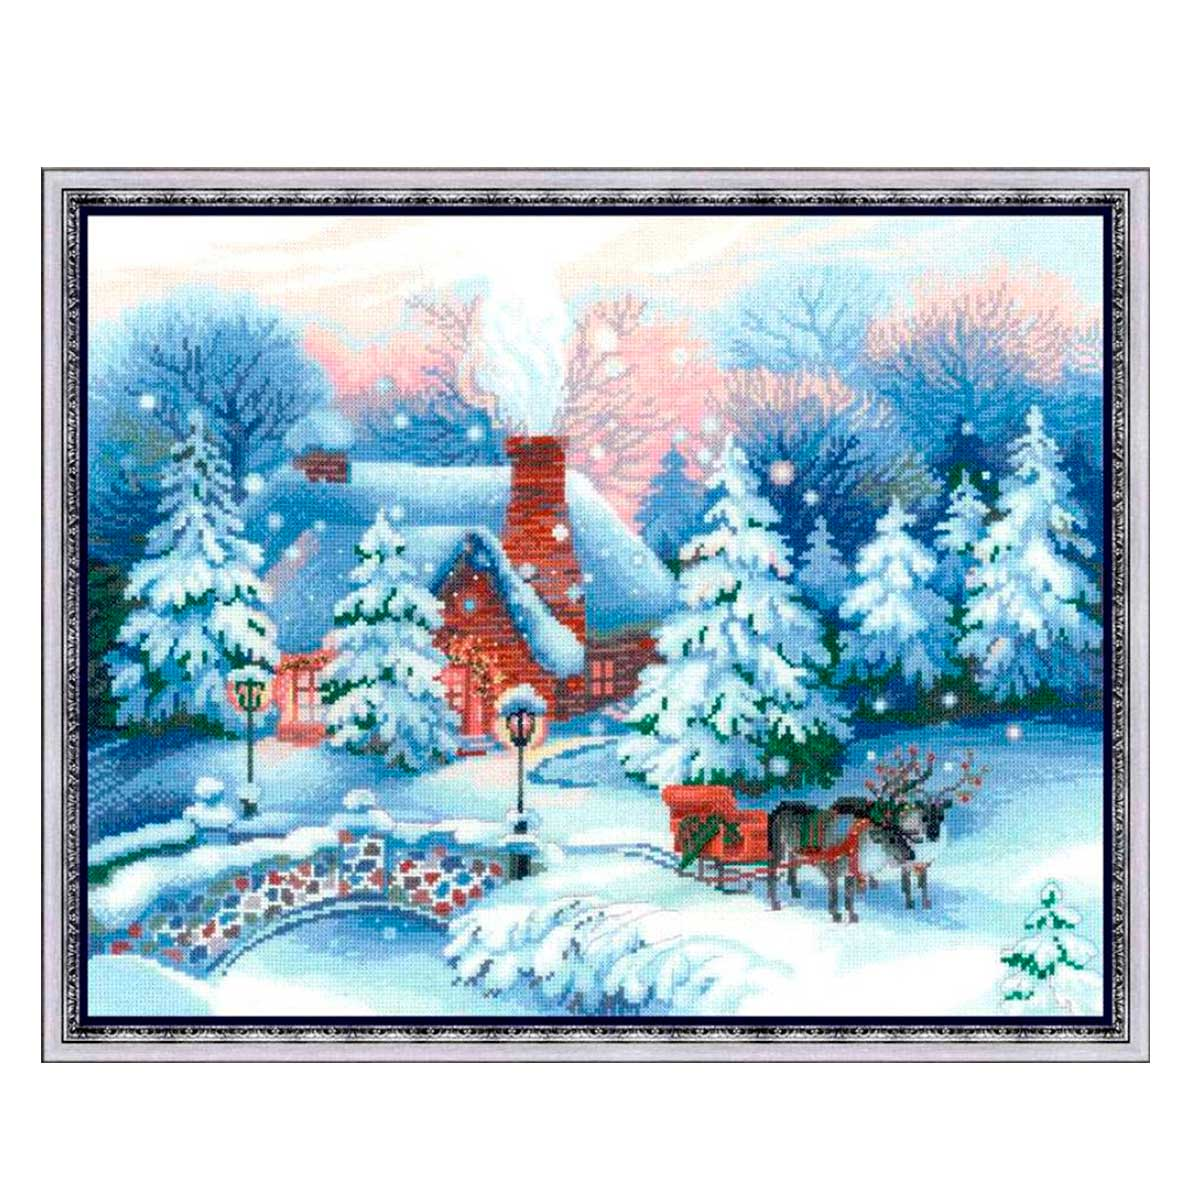 100/041 Набор для вышивания Riolis 'Накануне Рождества', 45*35 см